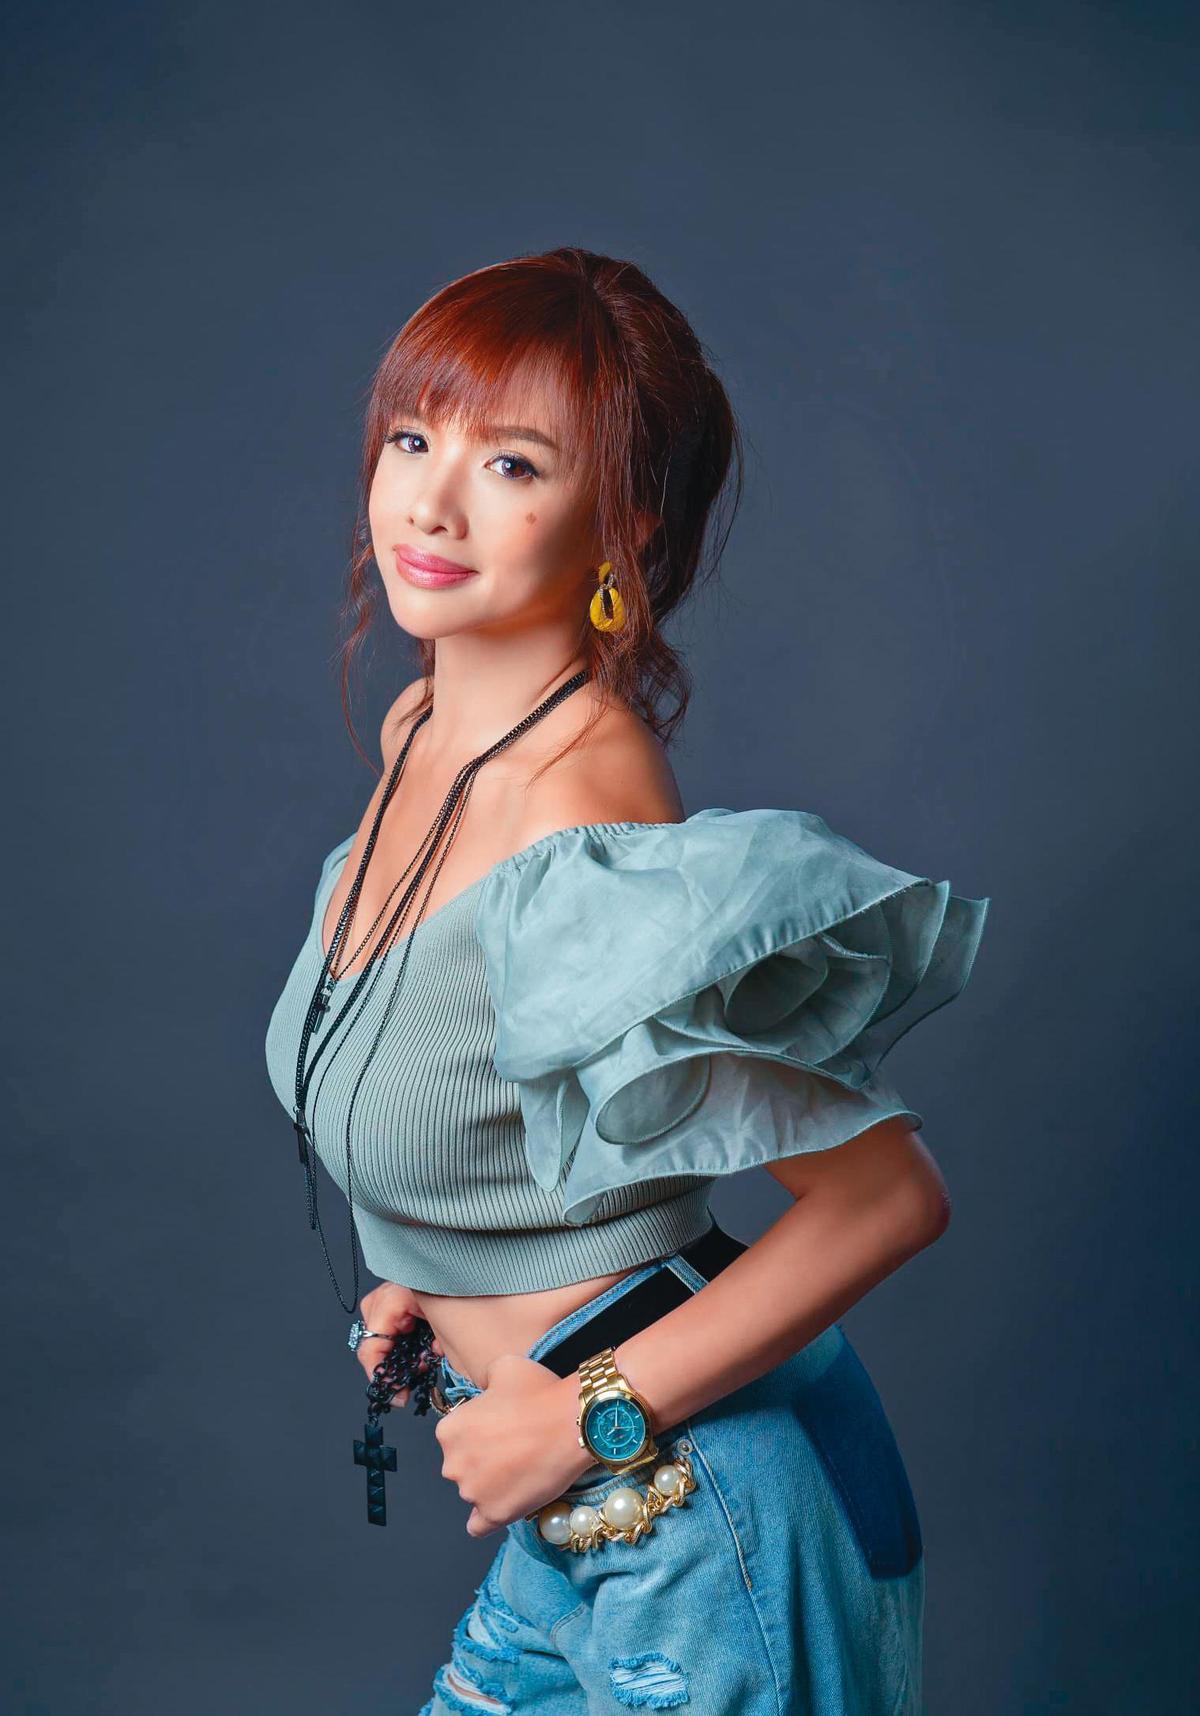 劉至翰的第二任妻子Vivian(黃曉潔)簽約經紀人正式出道,將加盟東森購物。(翻攝自黃曉潔臉書)